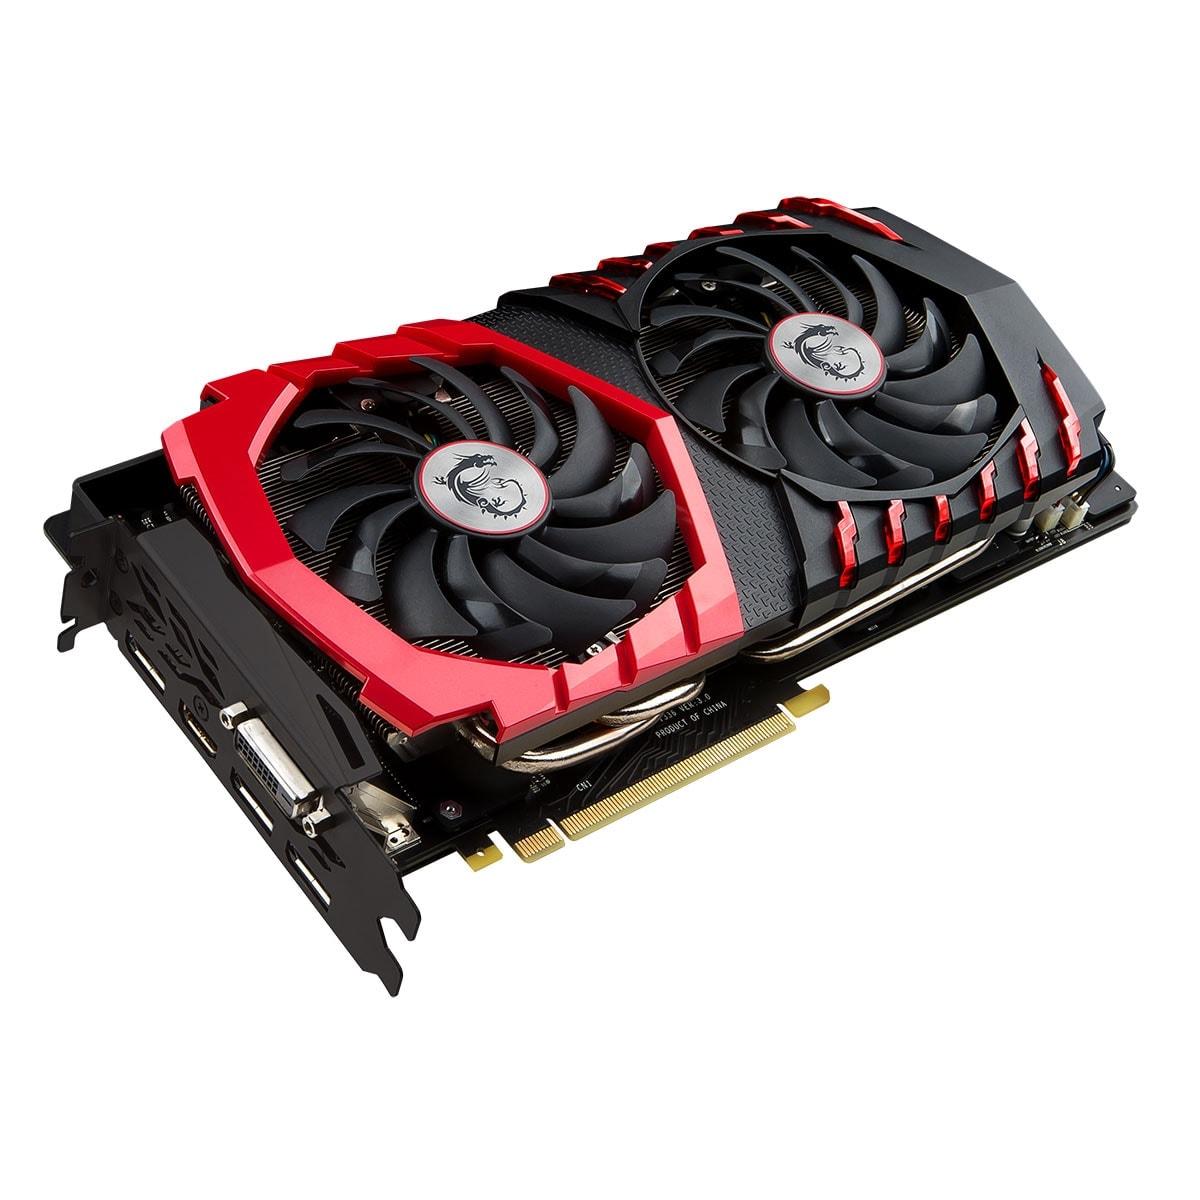 MSI nVidia GF GTX 1080 - 8Go - carte Graphique pour Gamer - GPU nVidia - 1